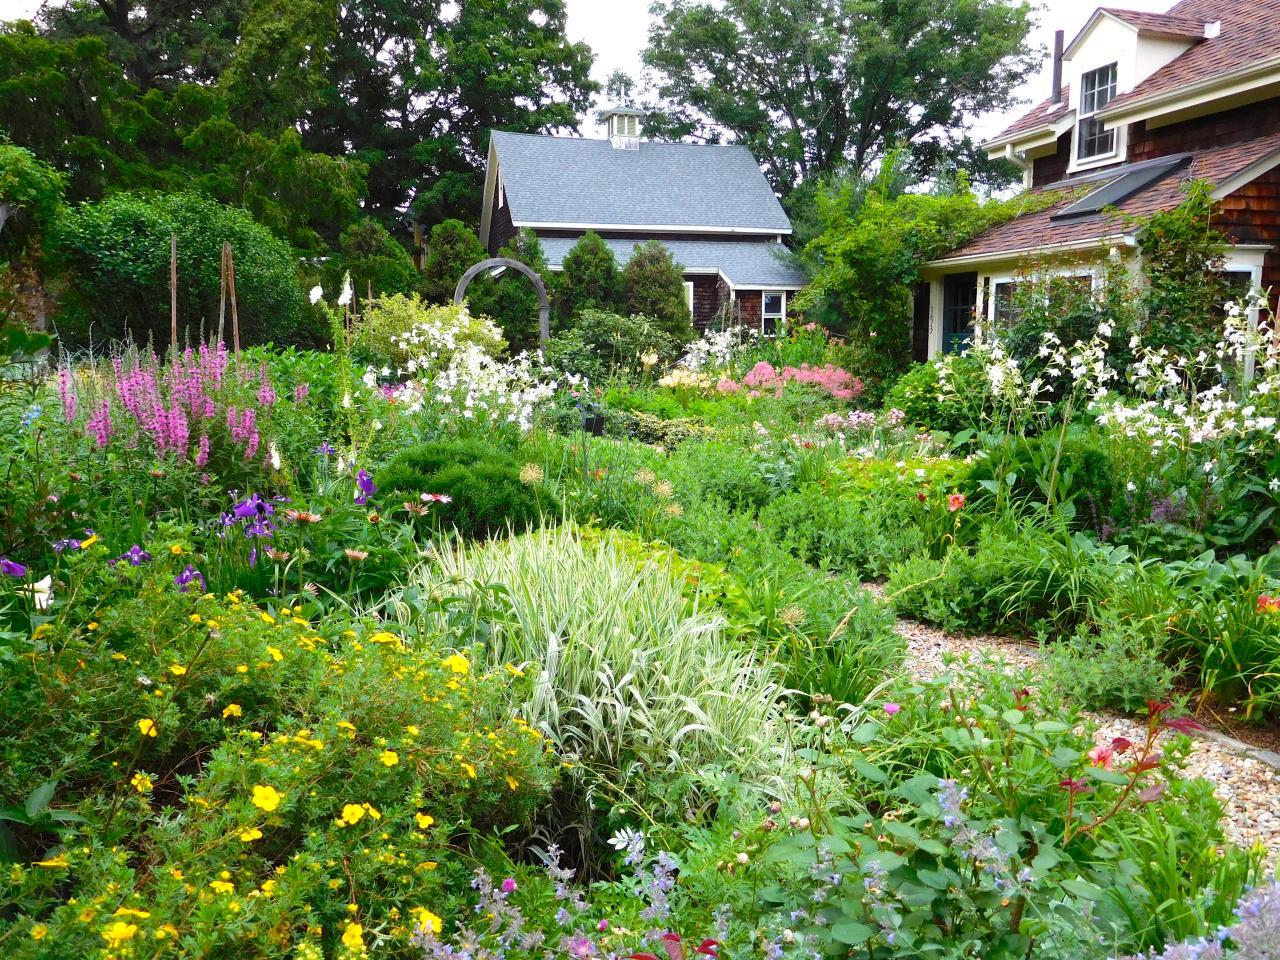 cottage garden design ideas QKCNOFL